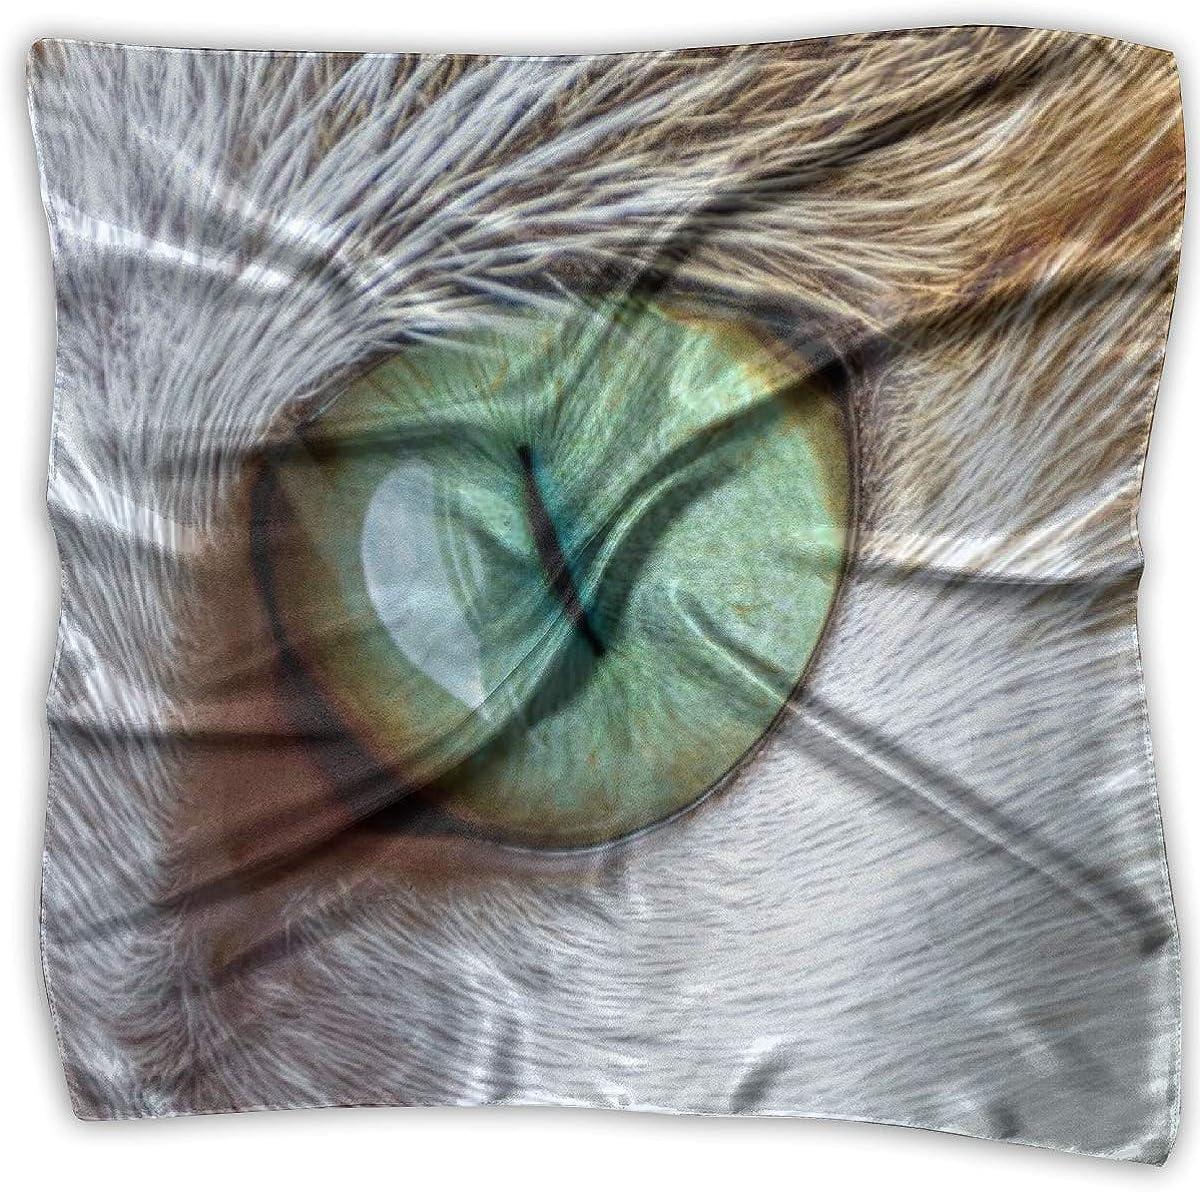 iuitt7rtree Ojo de gato verde Pañuelo de seda estampado Pañuelo cuadrado pequeño Pañuelo tendencia 7796